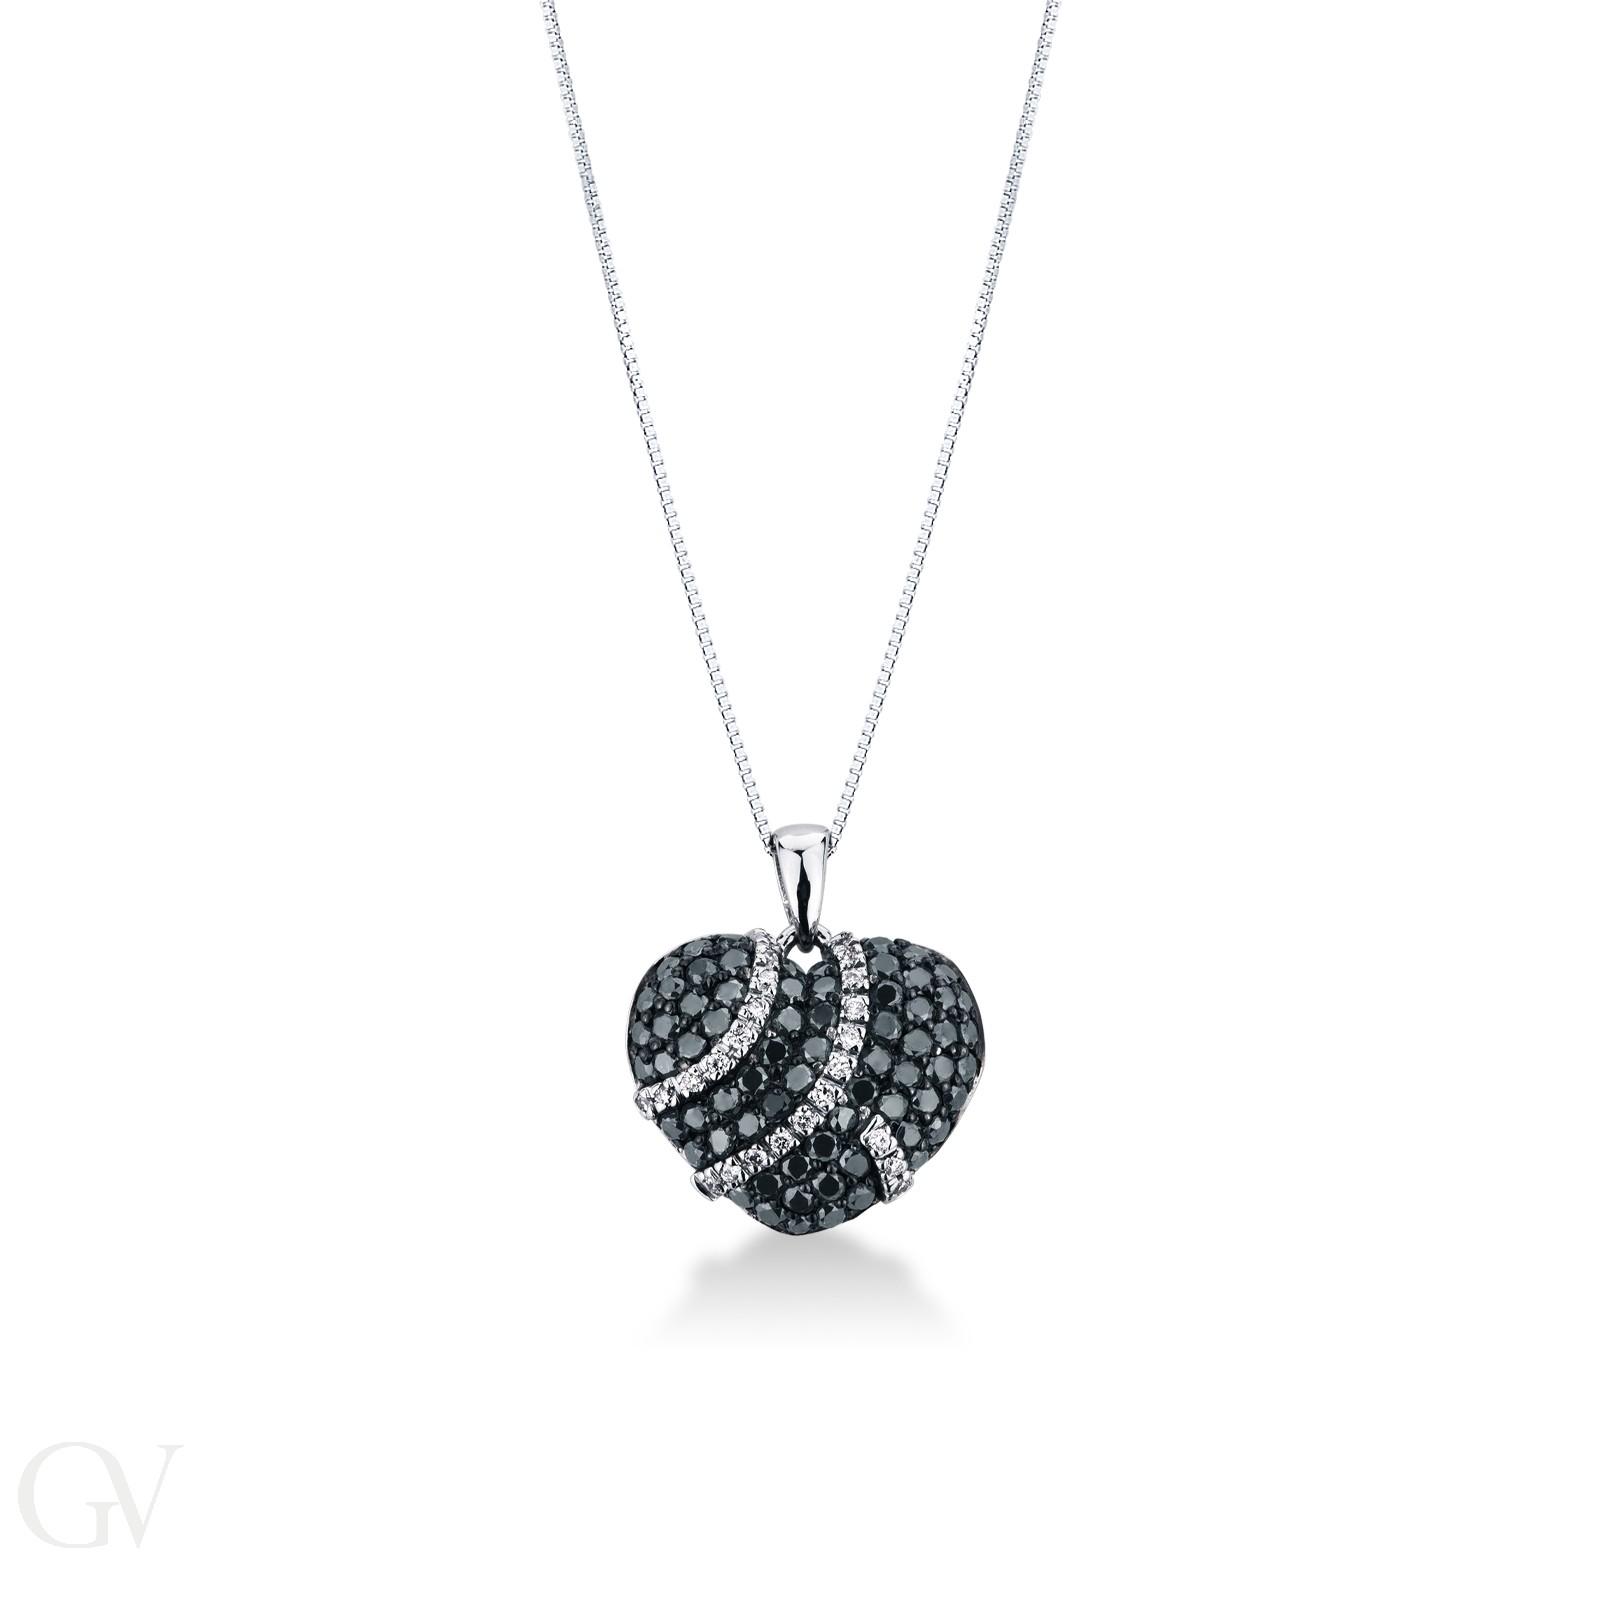 Collana con cuore in pavé di diamanti neri e bianchi.